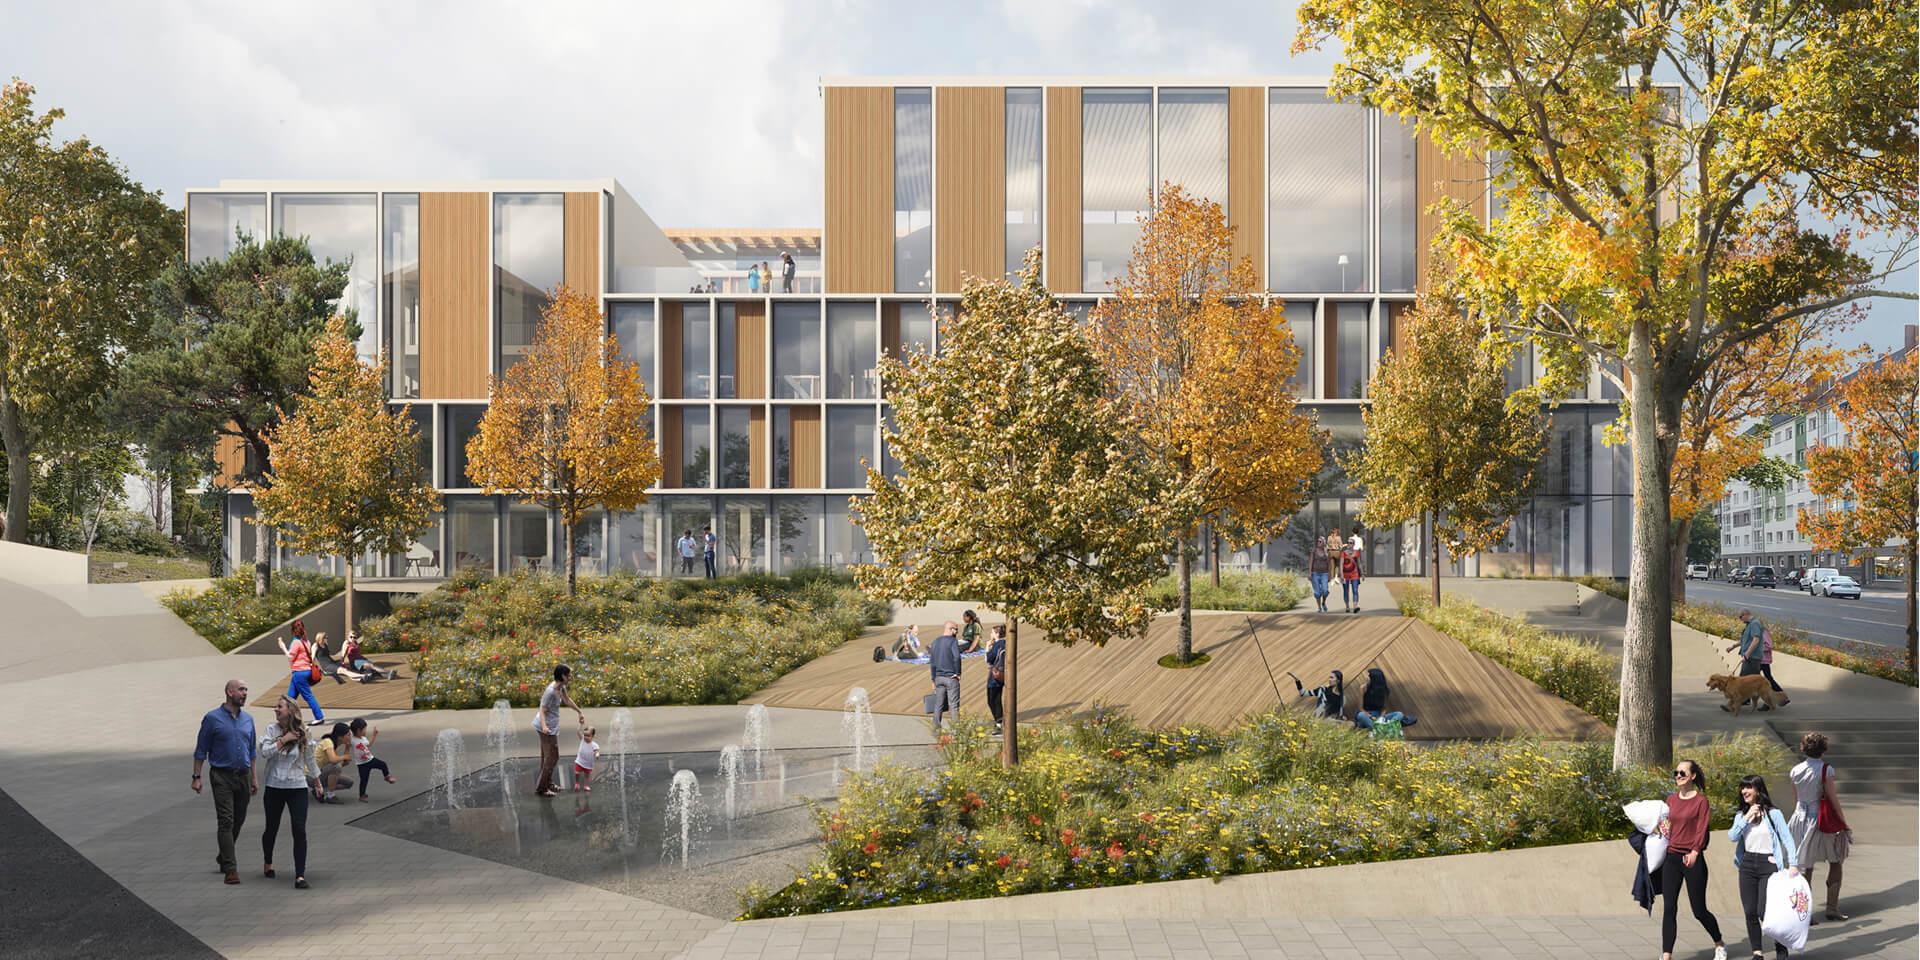 Evangtelischer Campus Nürnberg Enwturf Frontansicht